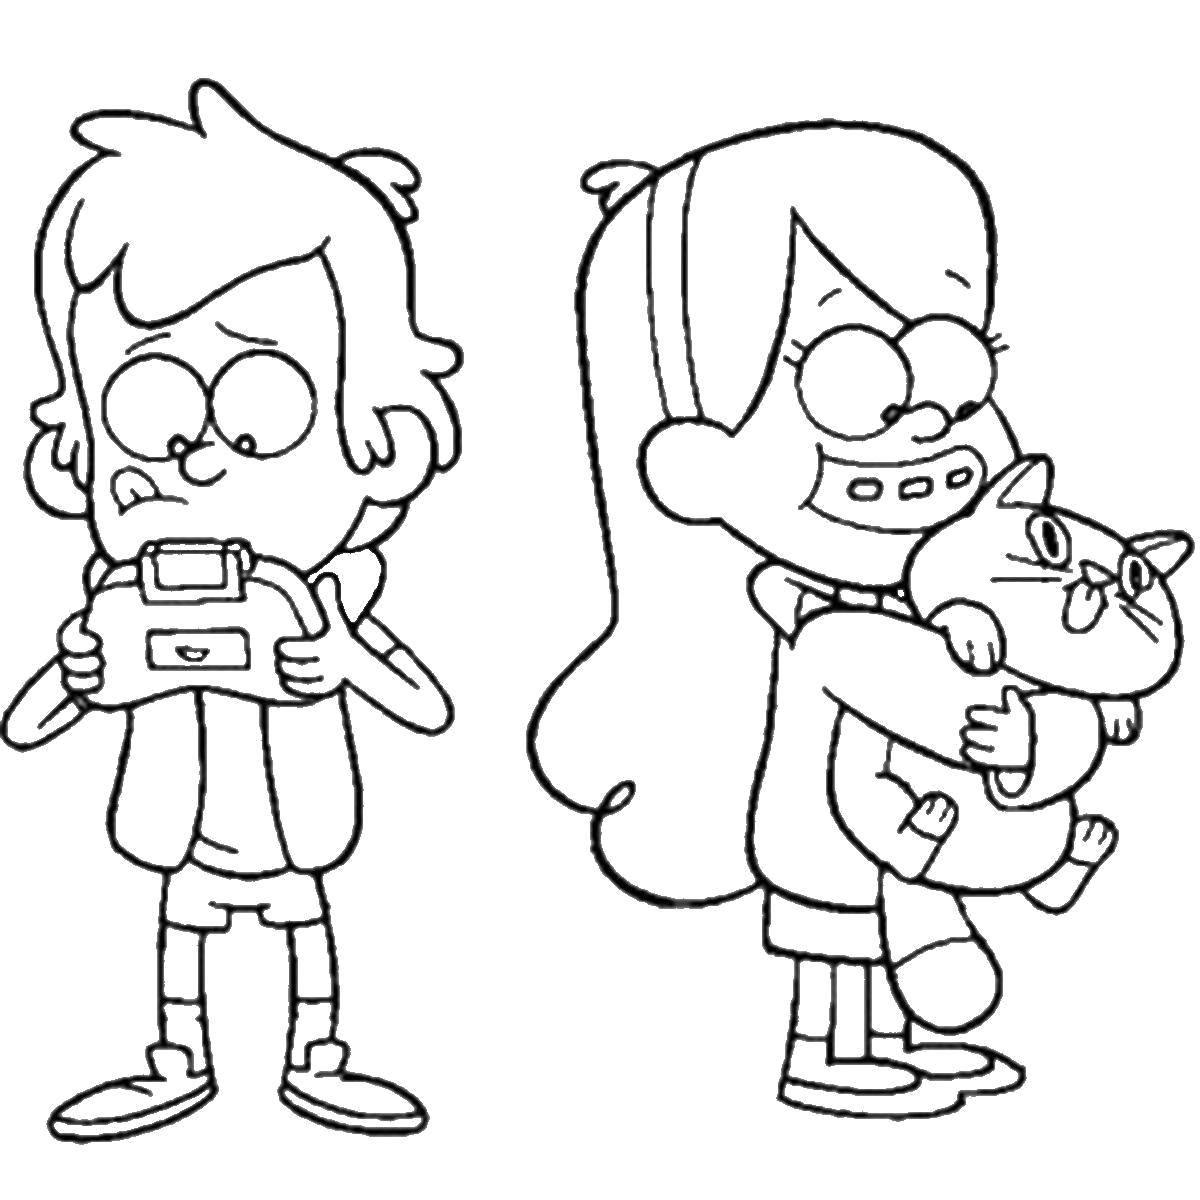 Раскраска Персонажи из мультфильма гравити фолз Скачать Персонаж из мультфильма.  Распечатать ,гравити фолз,